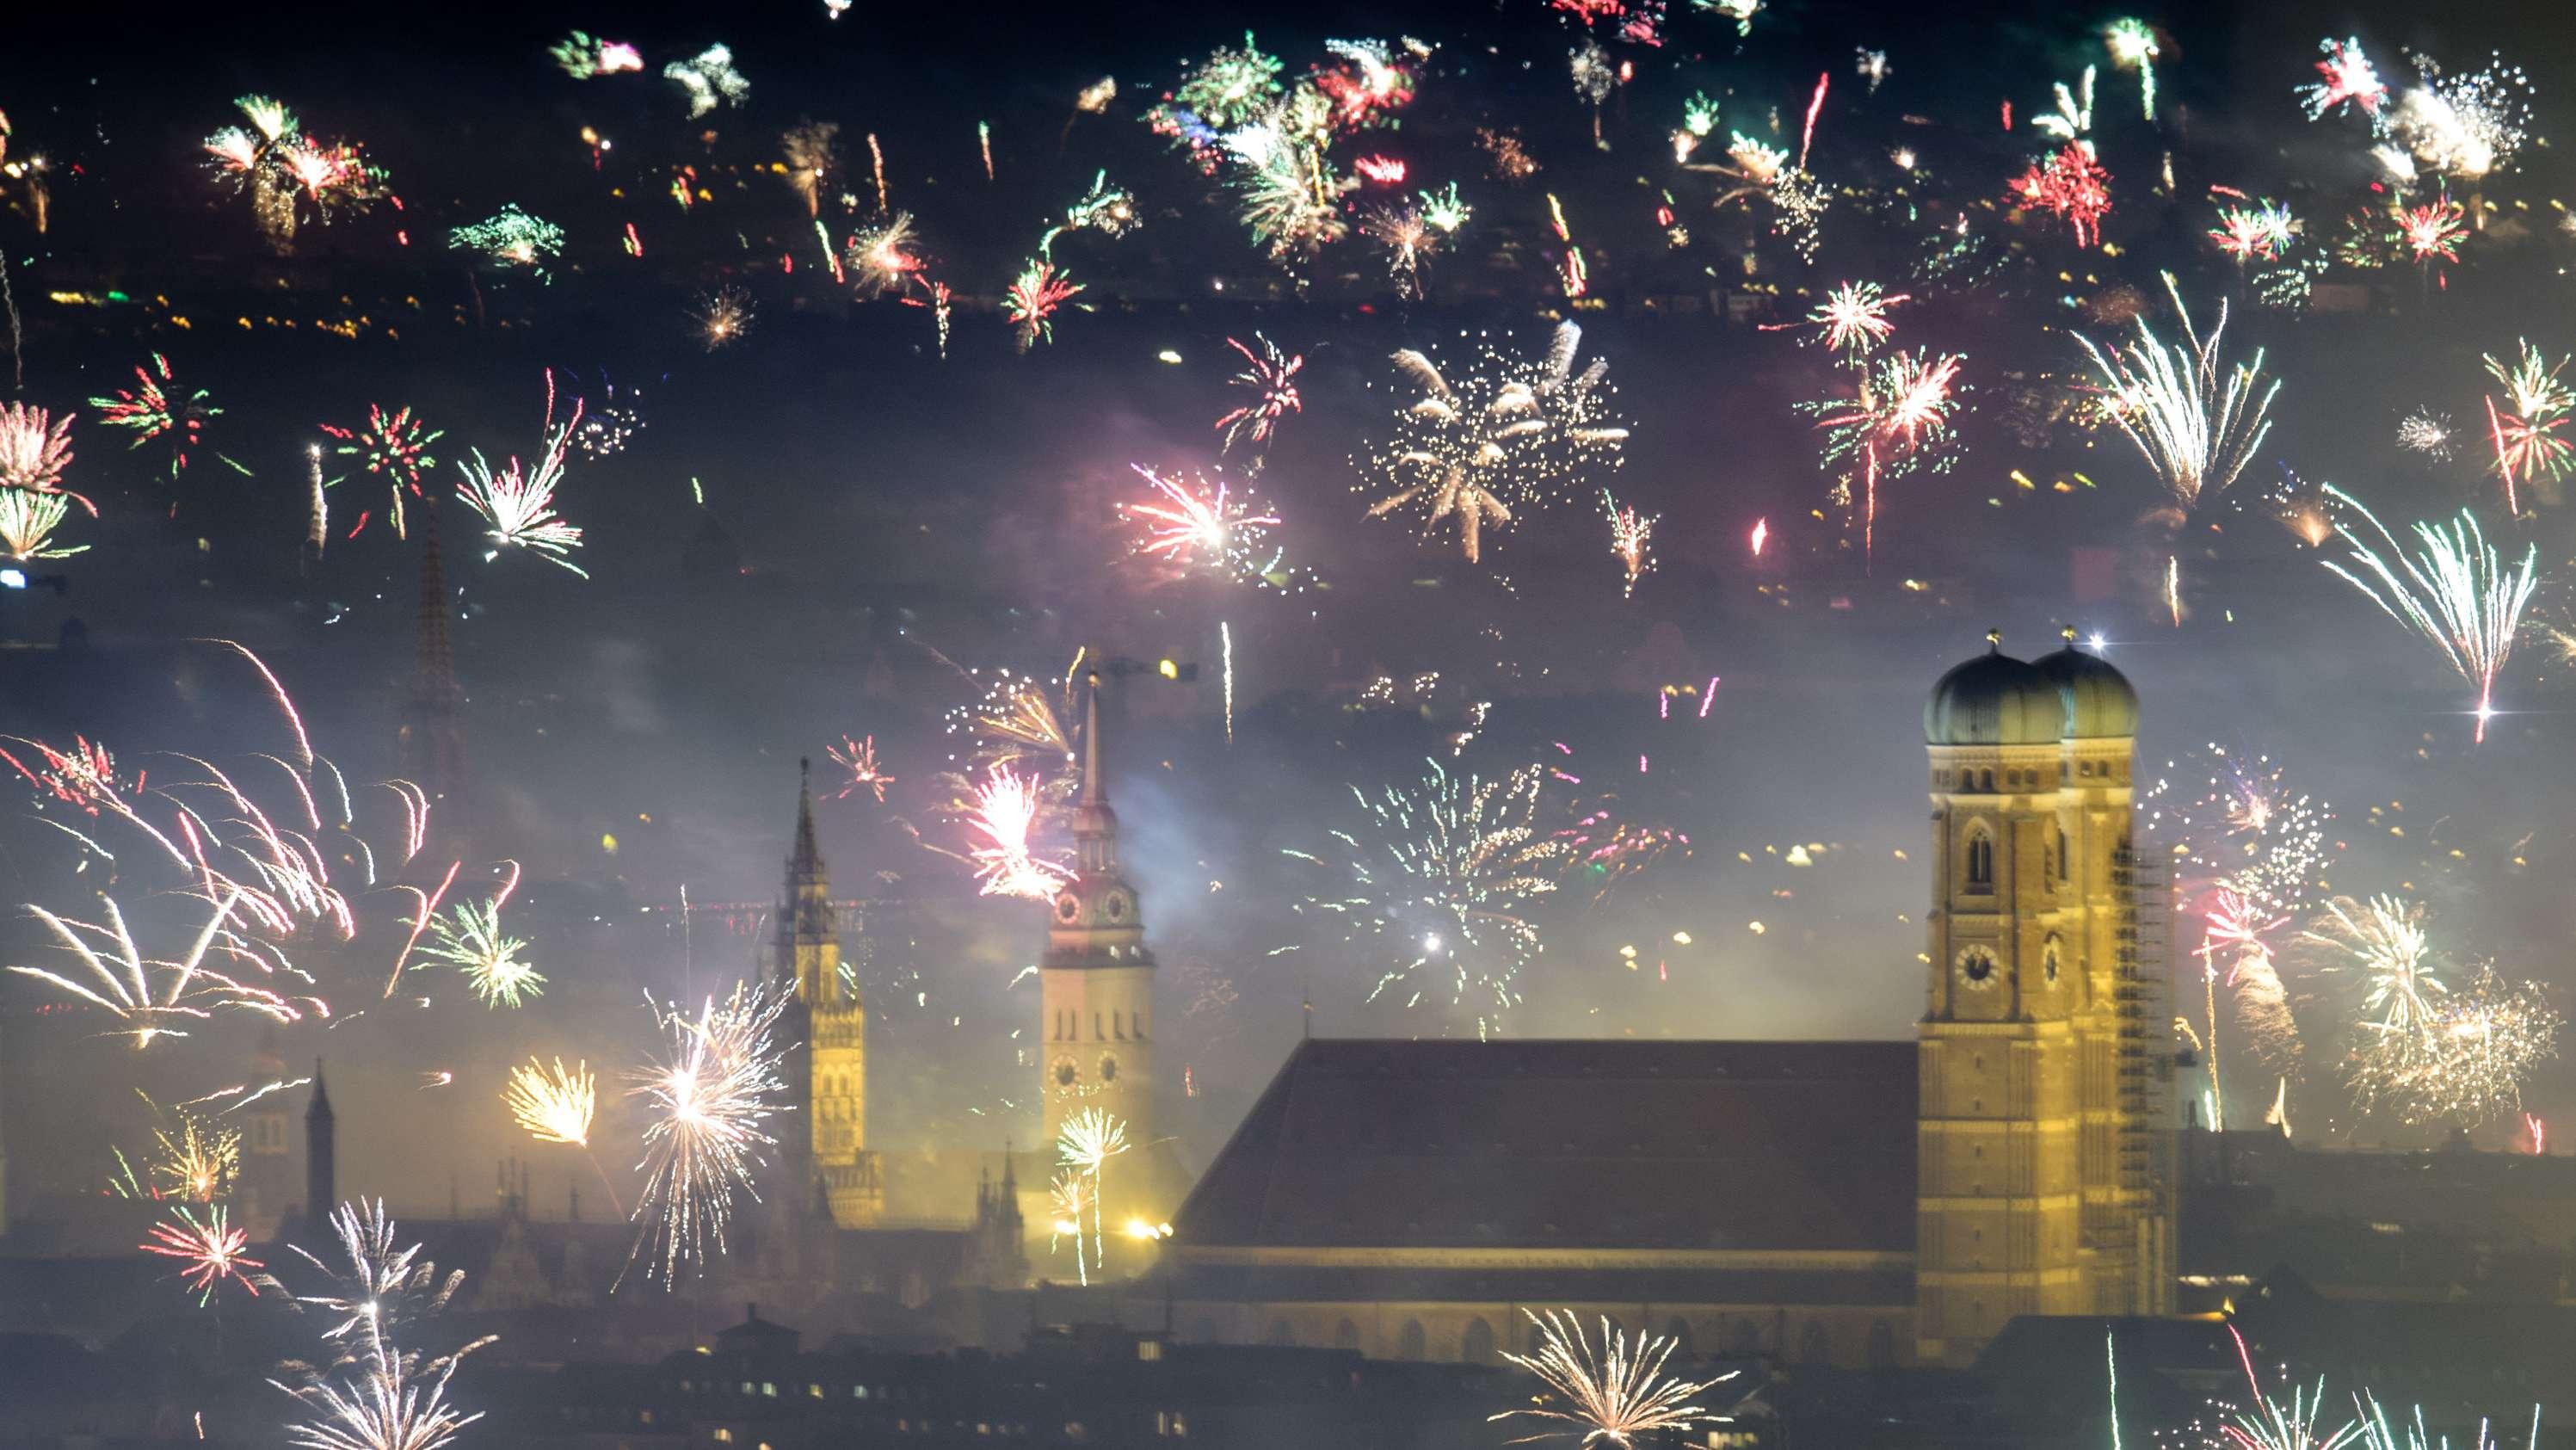 Feuerwerksraketen explodieren in der Silvesternacht 18/19 über München.